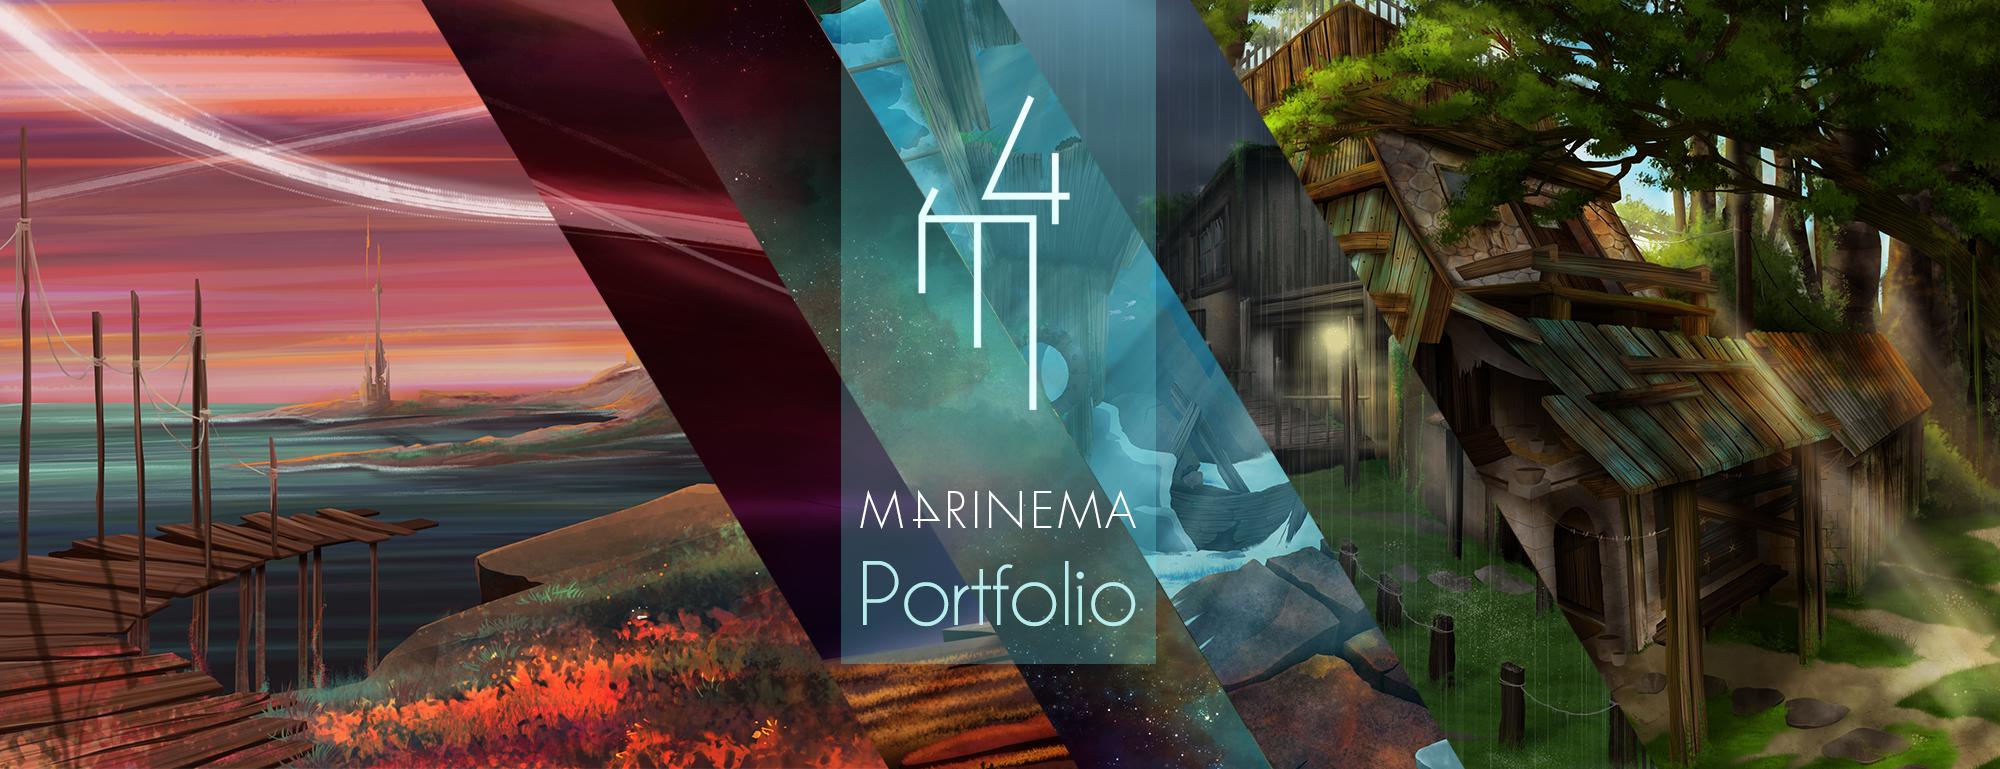 compilation de plusieurs travaux en une image avec le logo M4rinema au centre